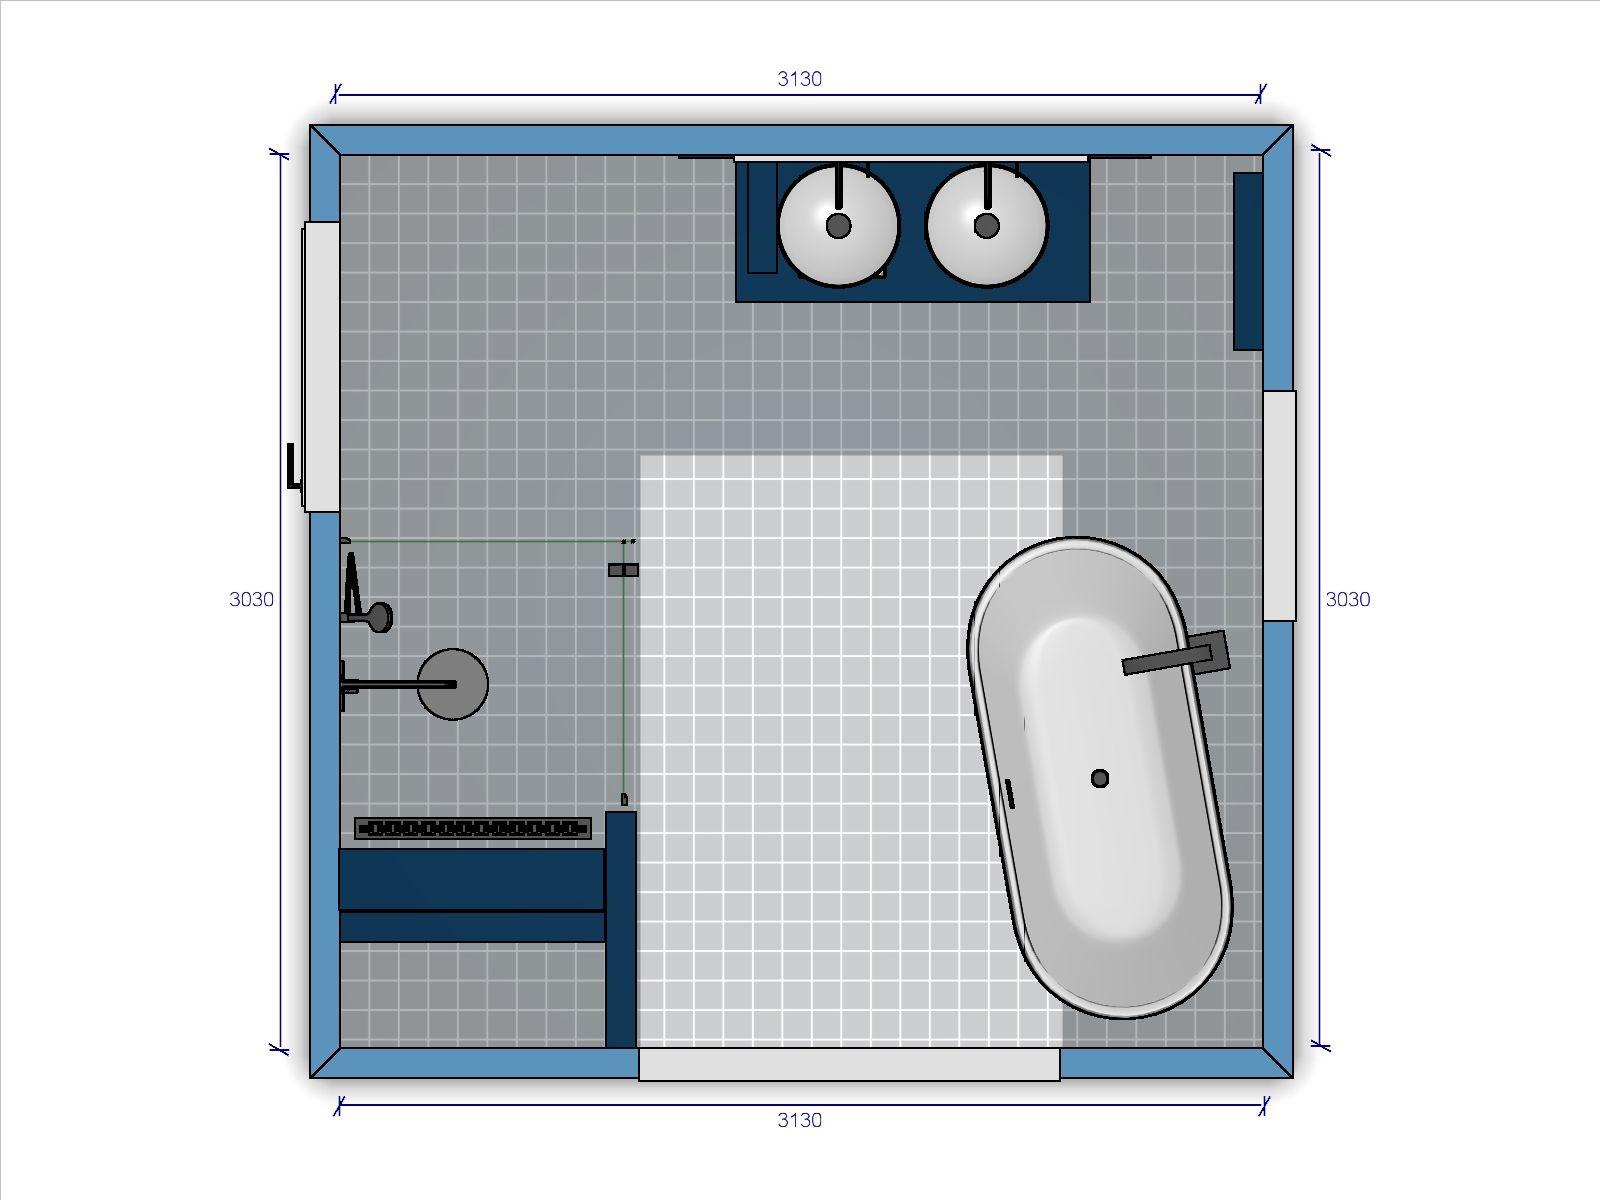 Badkamer Showroom Wijchen : Welbie sanitair badkamer wijchen ontwerp schets voor badkamer